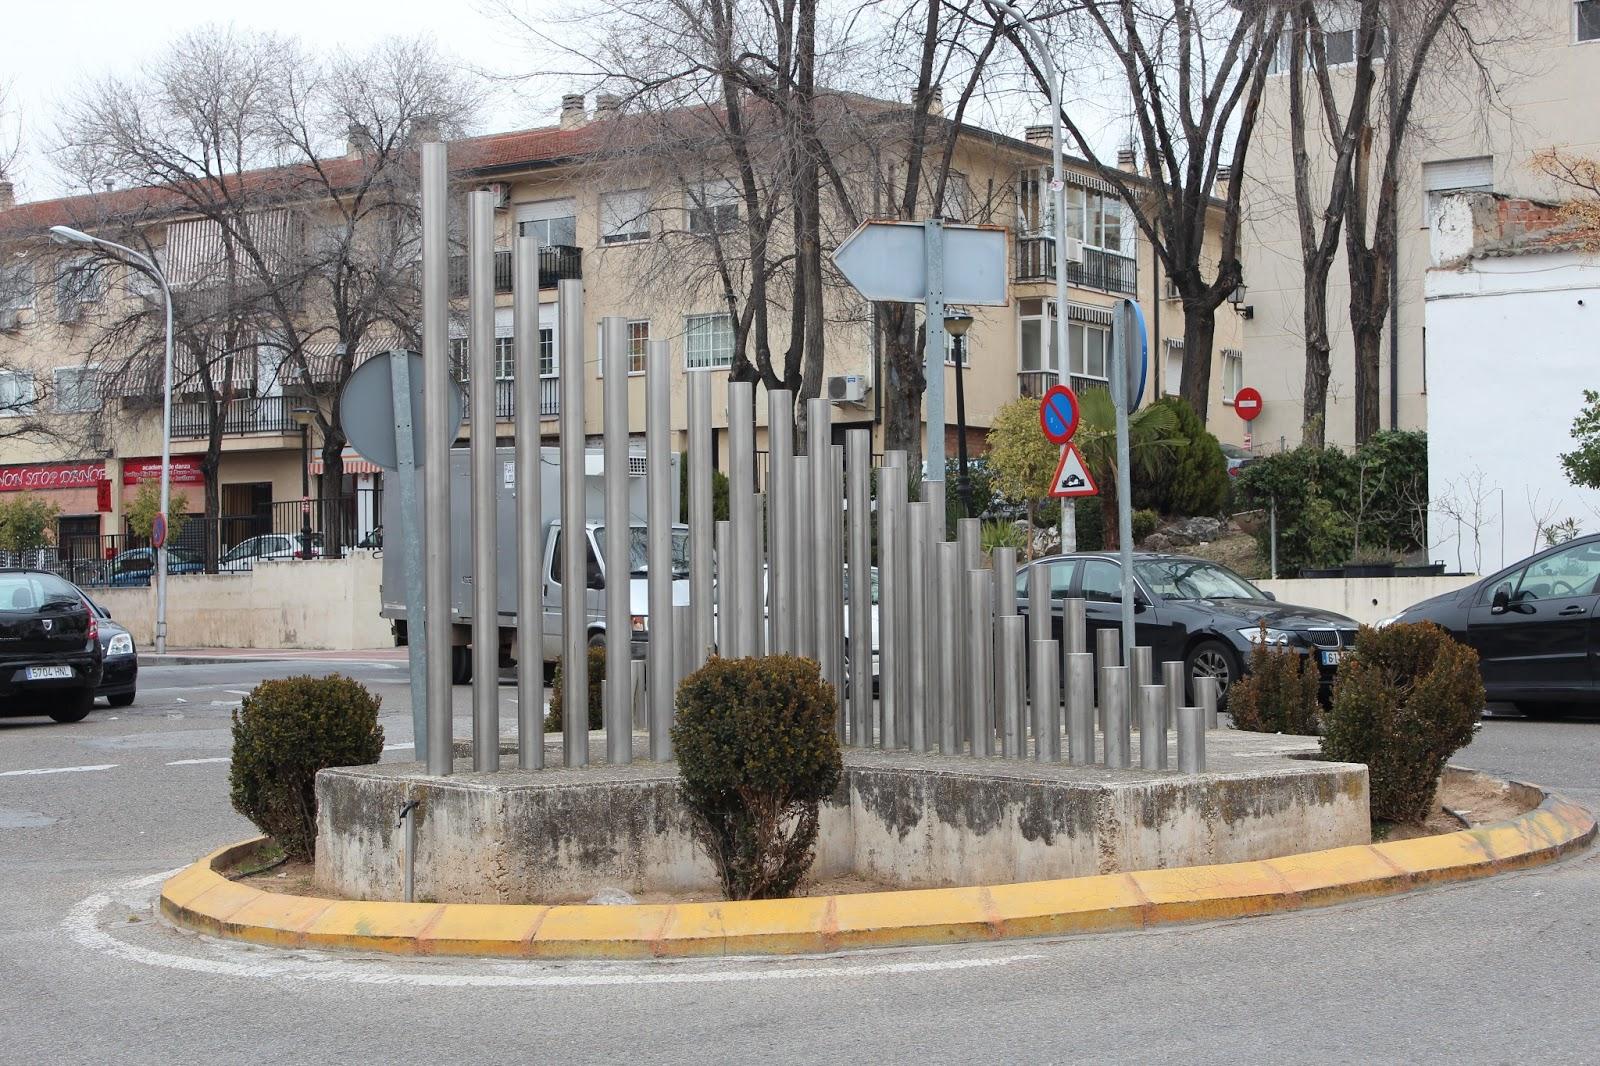 Historia y genealog a velilla de san antonio madrid - Inmobiliaria velilla de san antonio ...